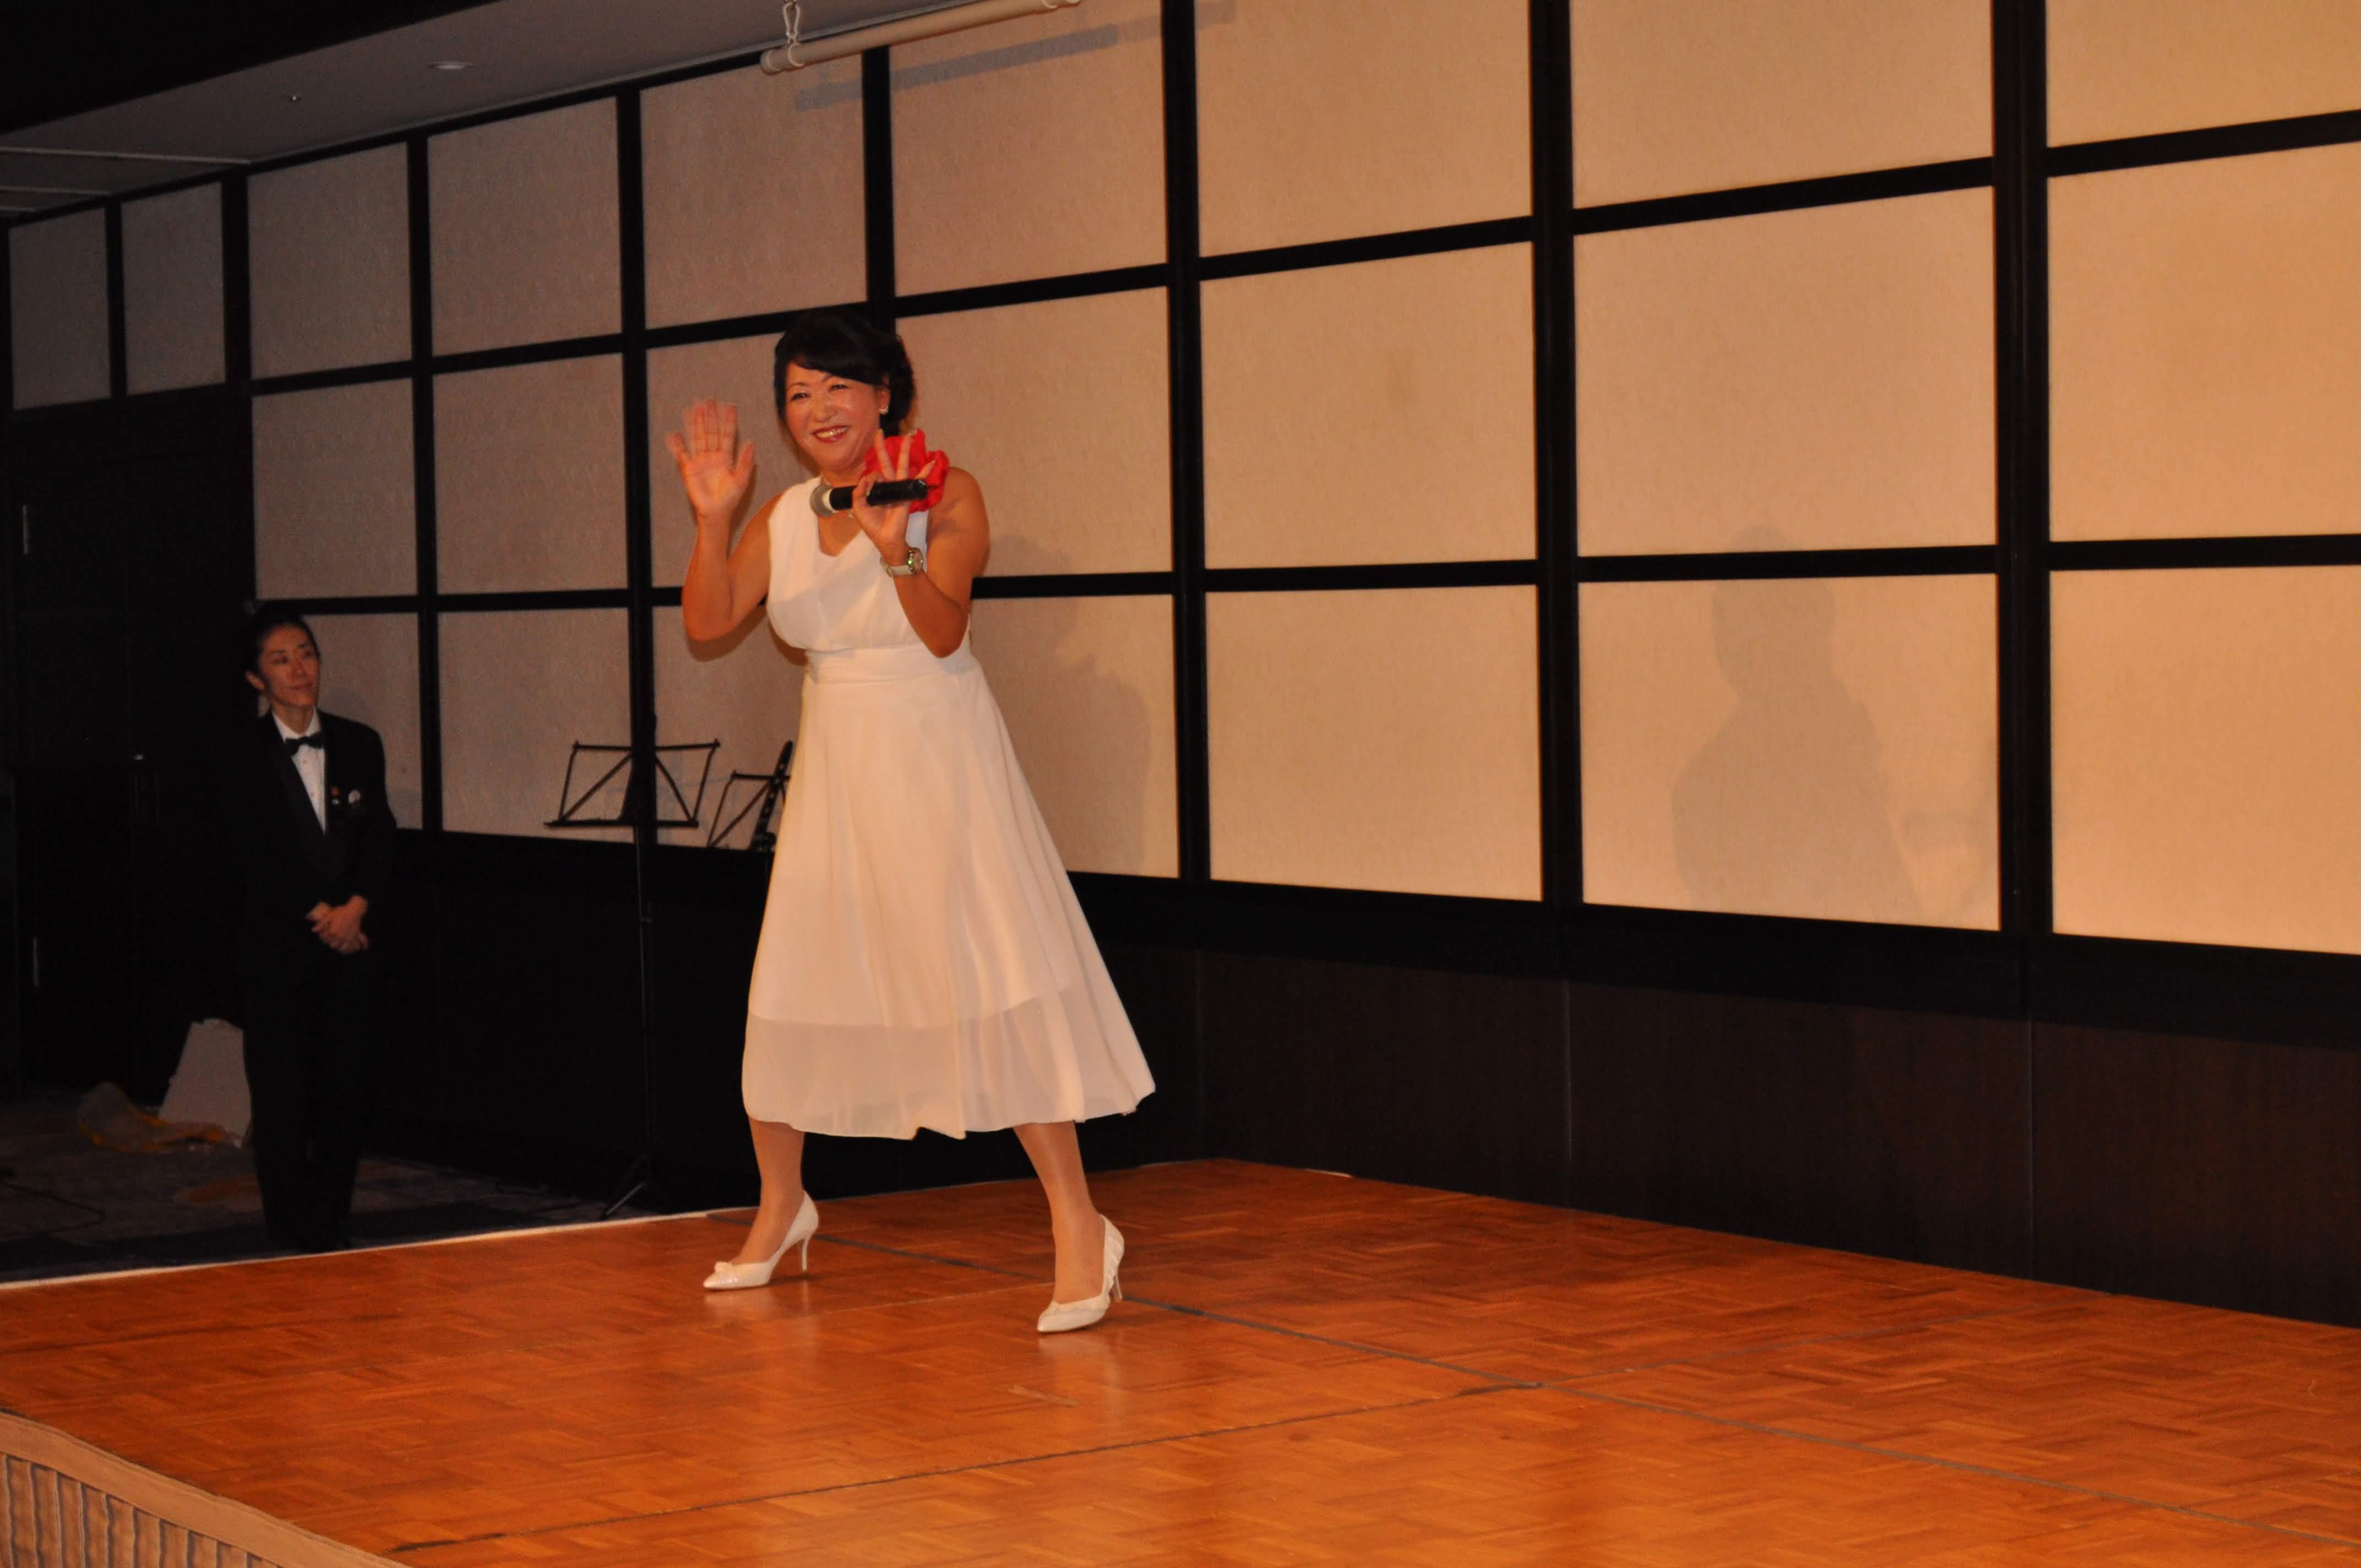 DSC 0491 1 - 思風会全国大会in広島